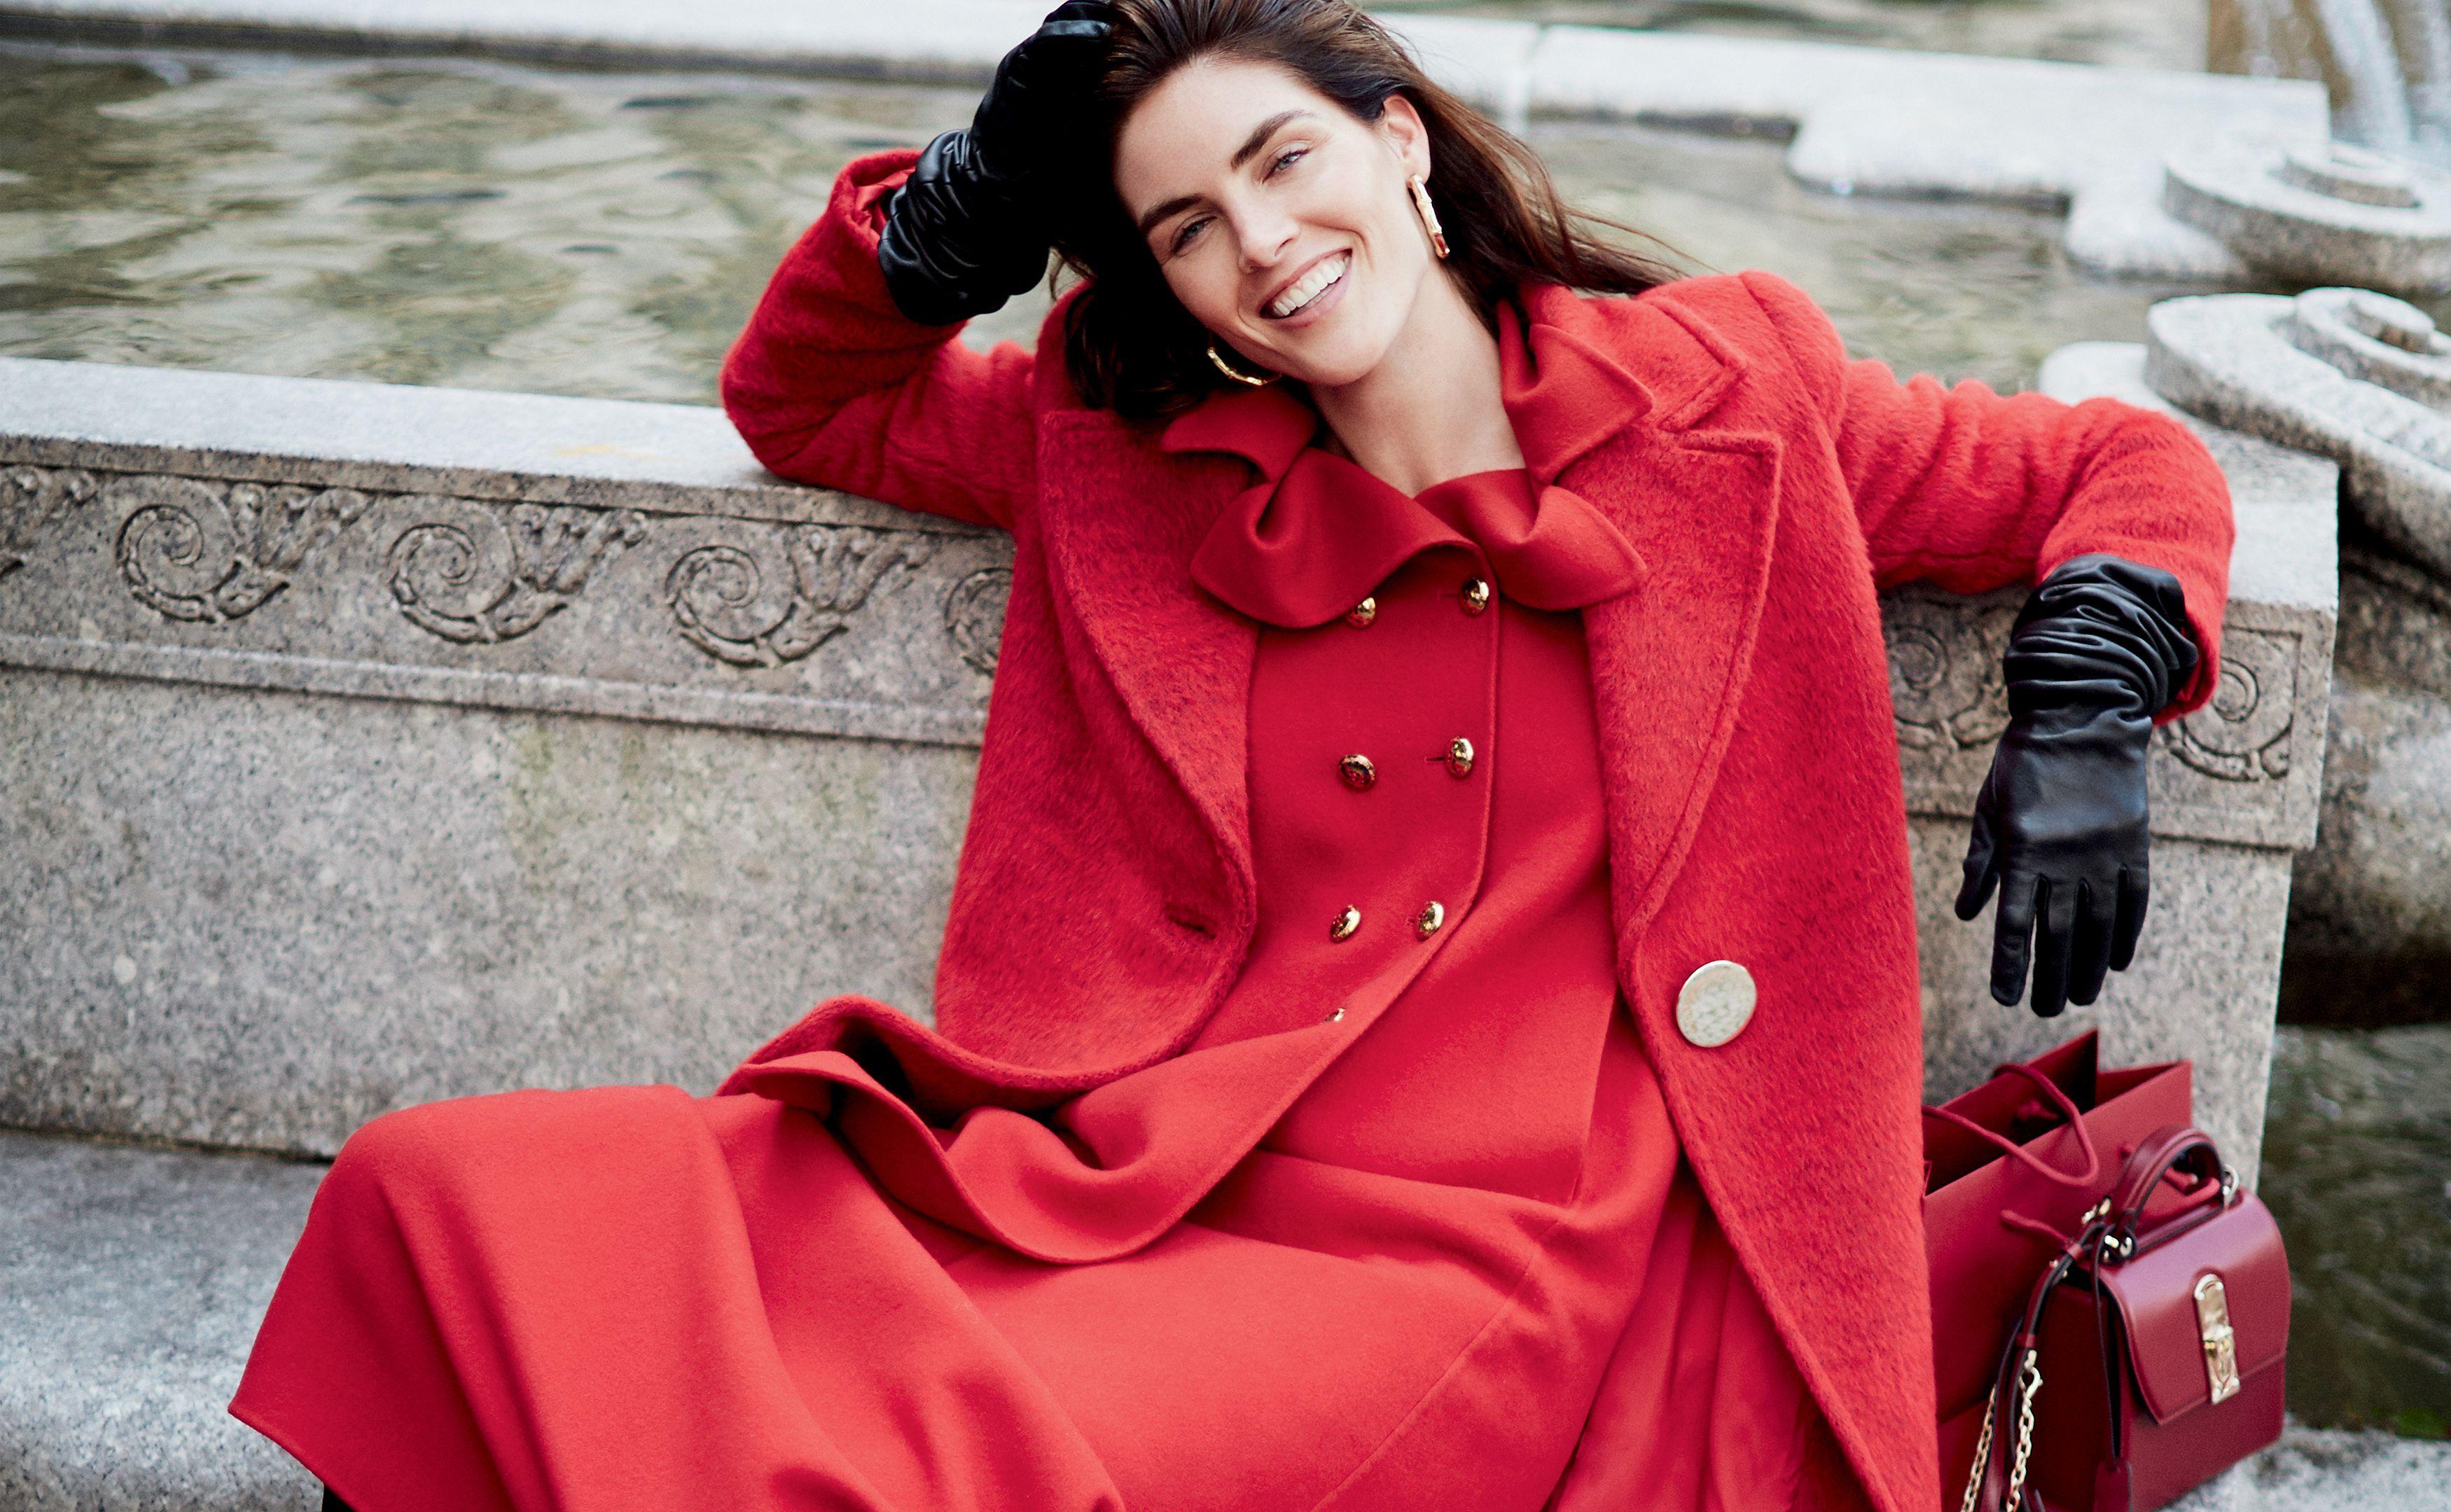 Tendenza colore rosso per l'inverno 2019: capi e accessori